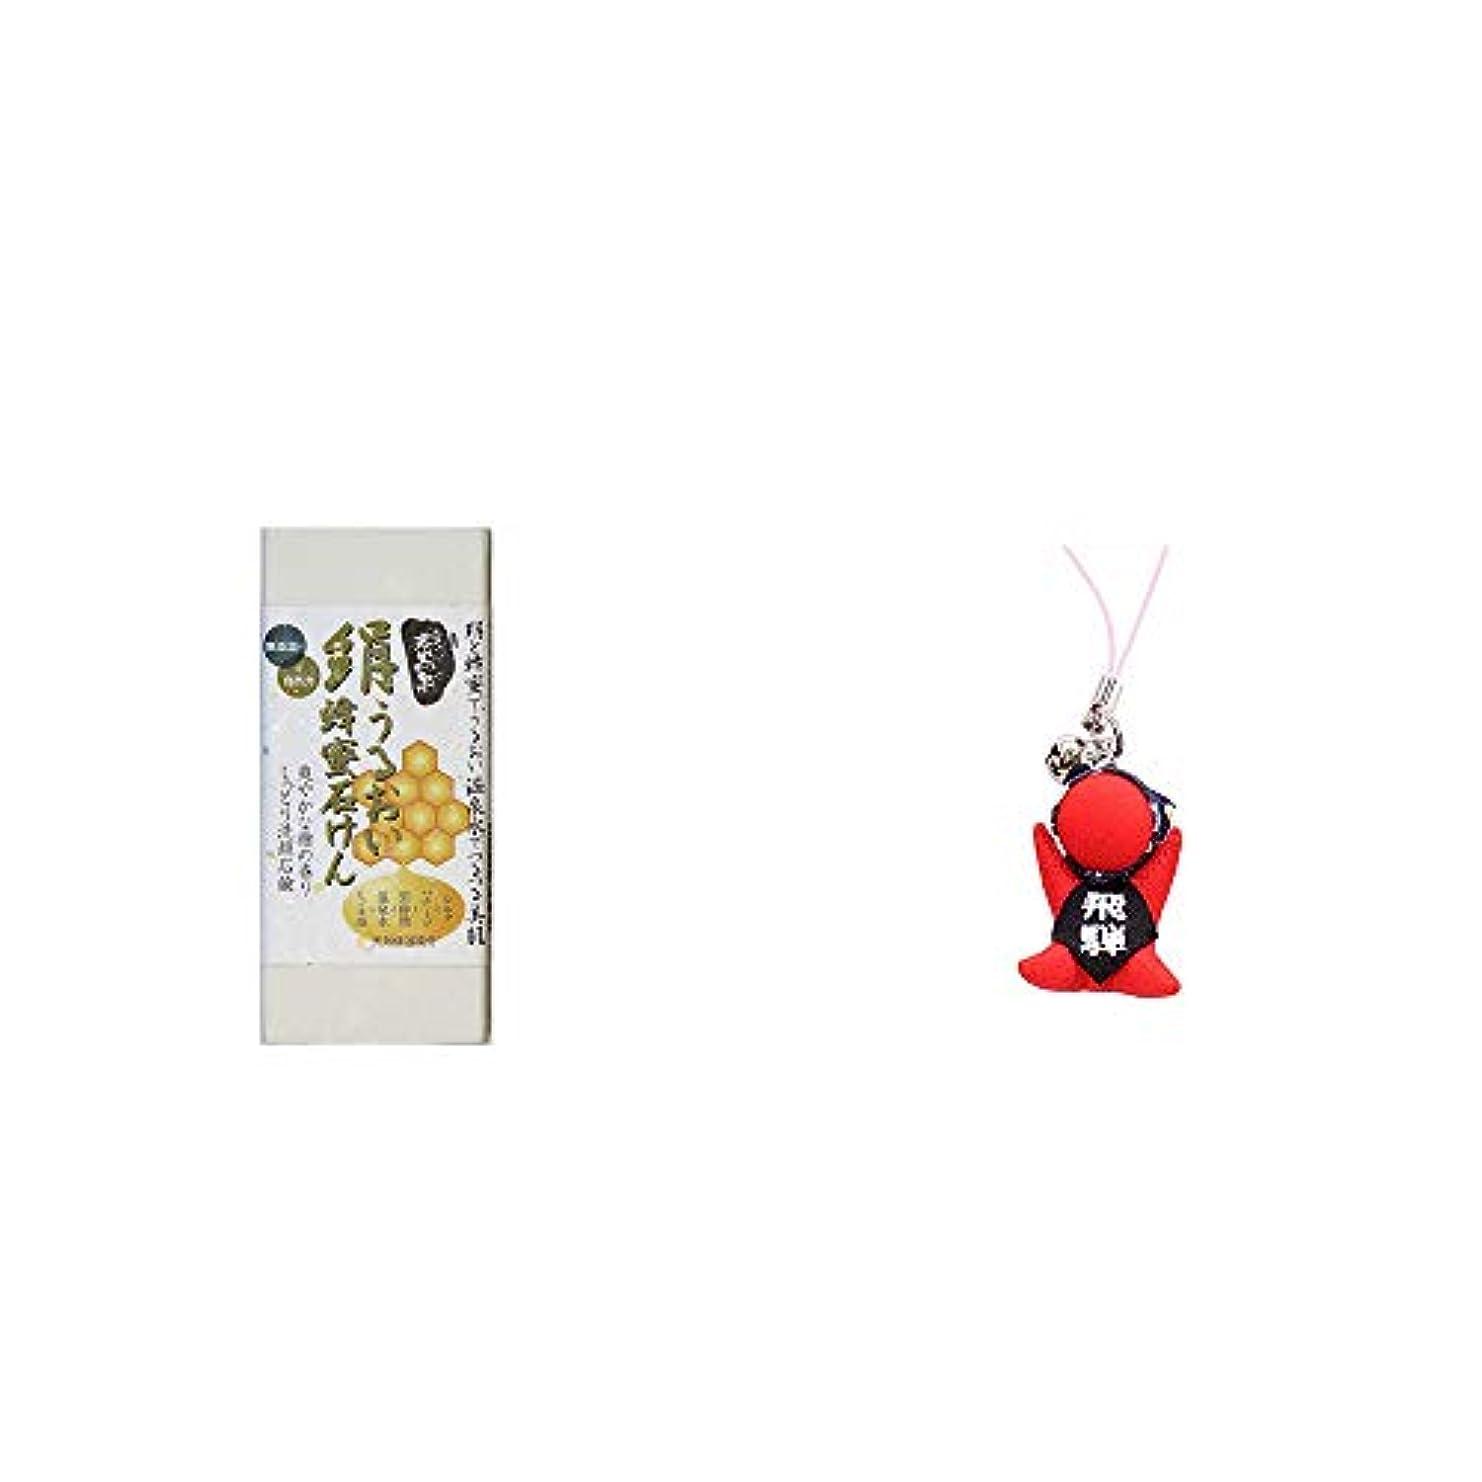 大使館嵐のカール[2点セット] ひのき炭黒泉 絹うるおい蜂蜜石けん(75g×2)?さるぼぼ幸福ストラップ 【赤】 / 風水カラー全9種類 縁結び?安産?魔除け お守り//